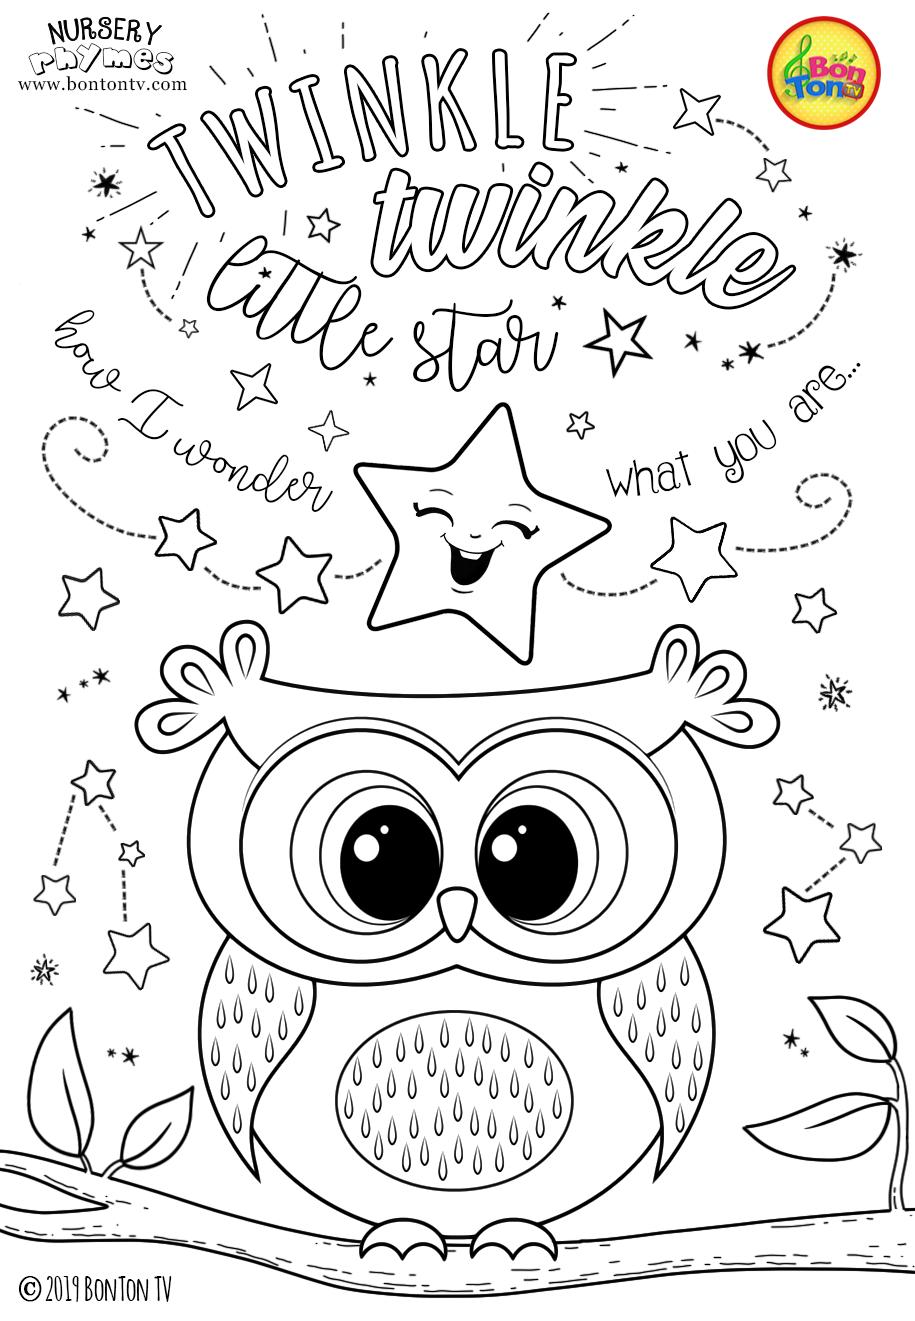 Nursery Rhymes Coloring Pages Free Preschool Printables For Kids